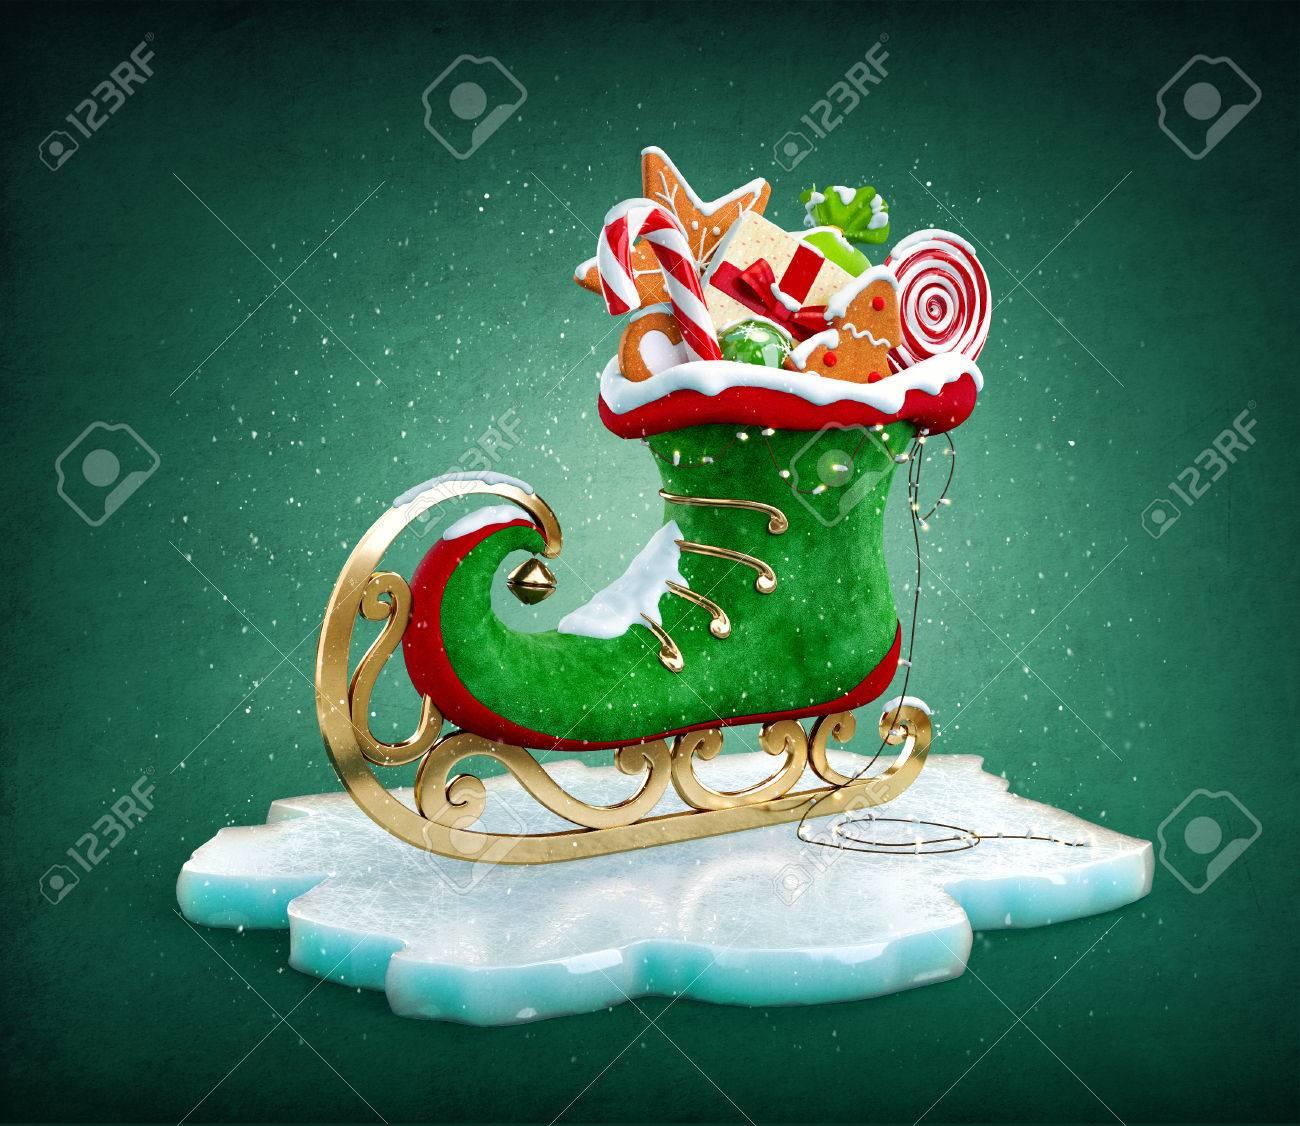 Magische Elf-Skate Voller Weihnachtsgeschenke Und Süßigkeiten ...